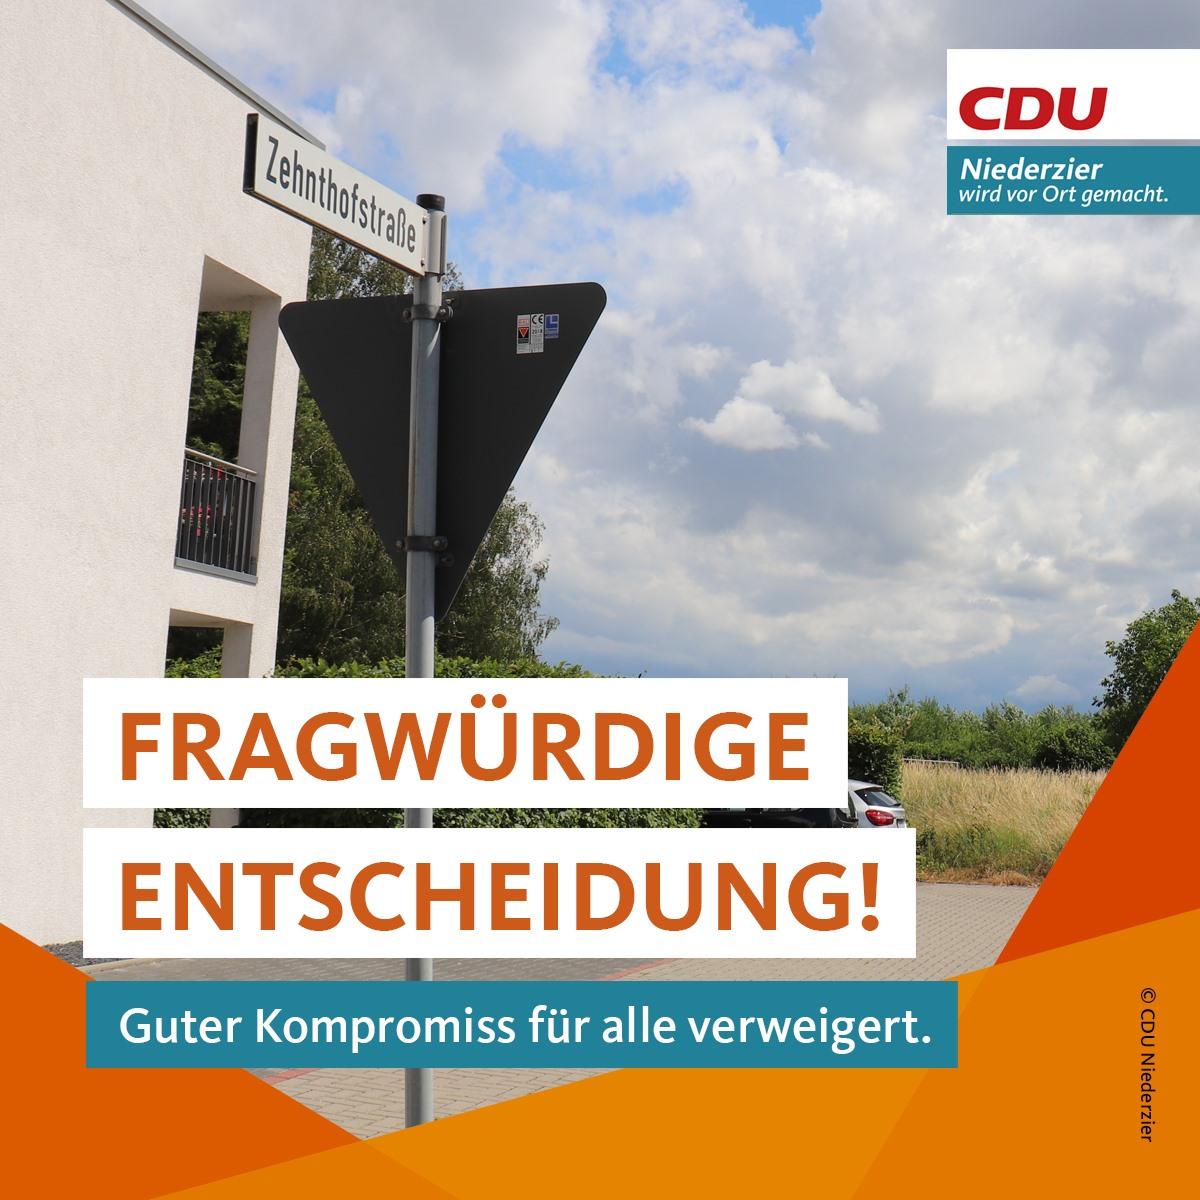 (Fragwürdige) Entscheidung zum Zehnthofprojekt in der Ratssitzung